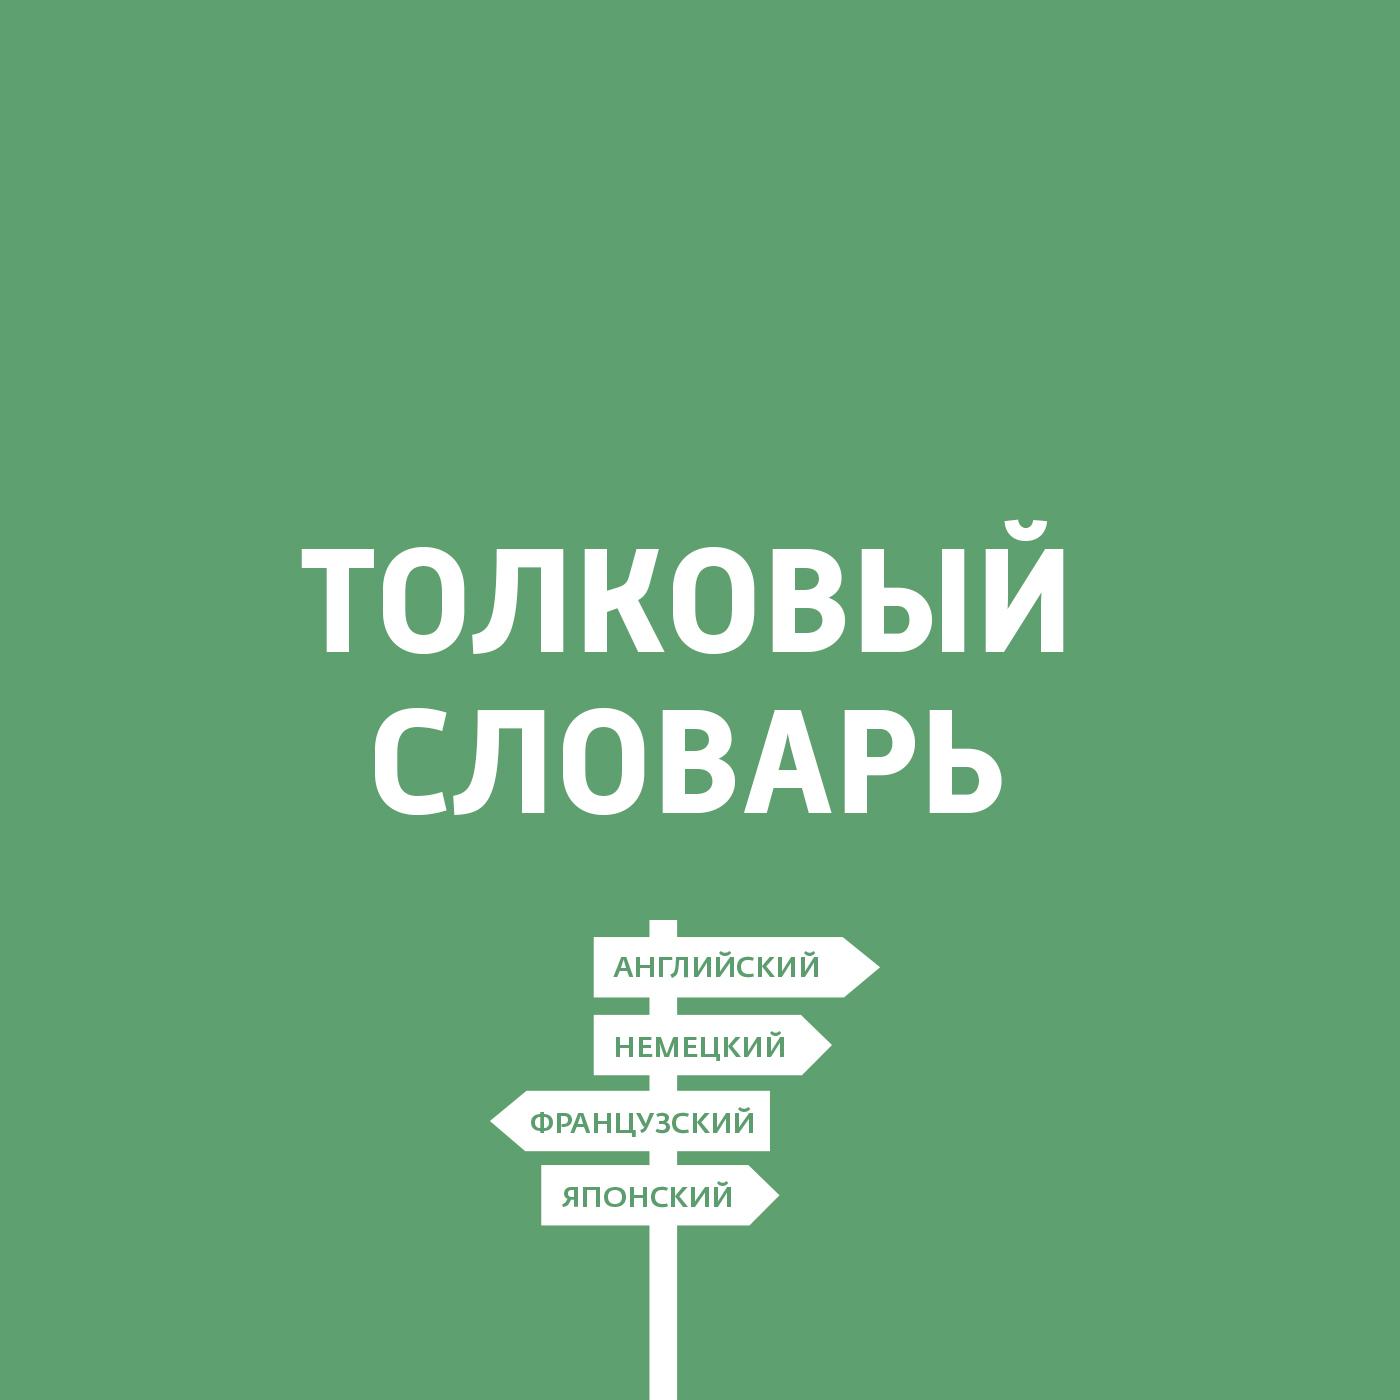 Дмитрий Петров Польский язык